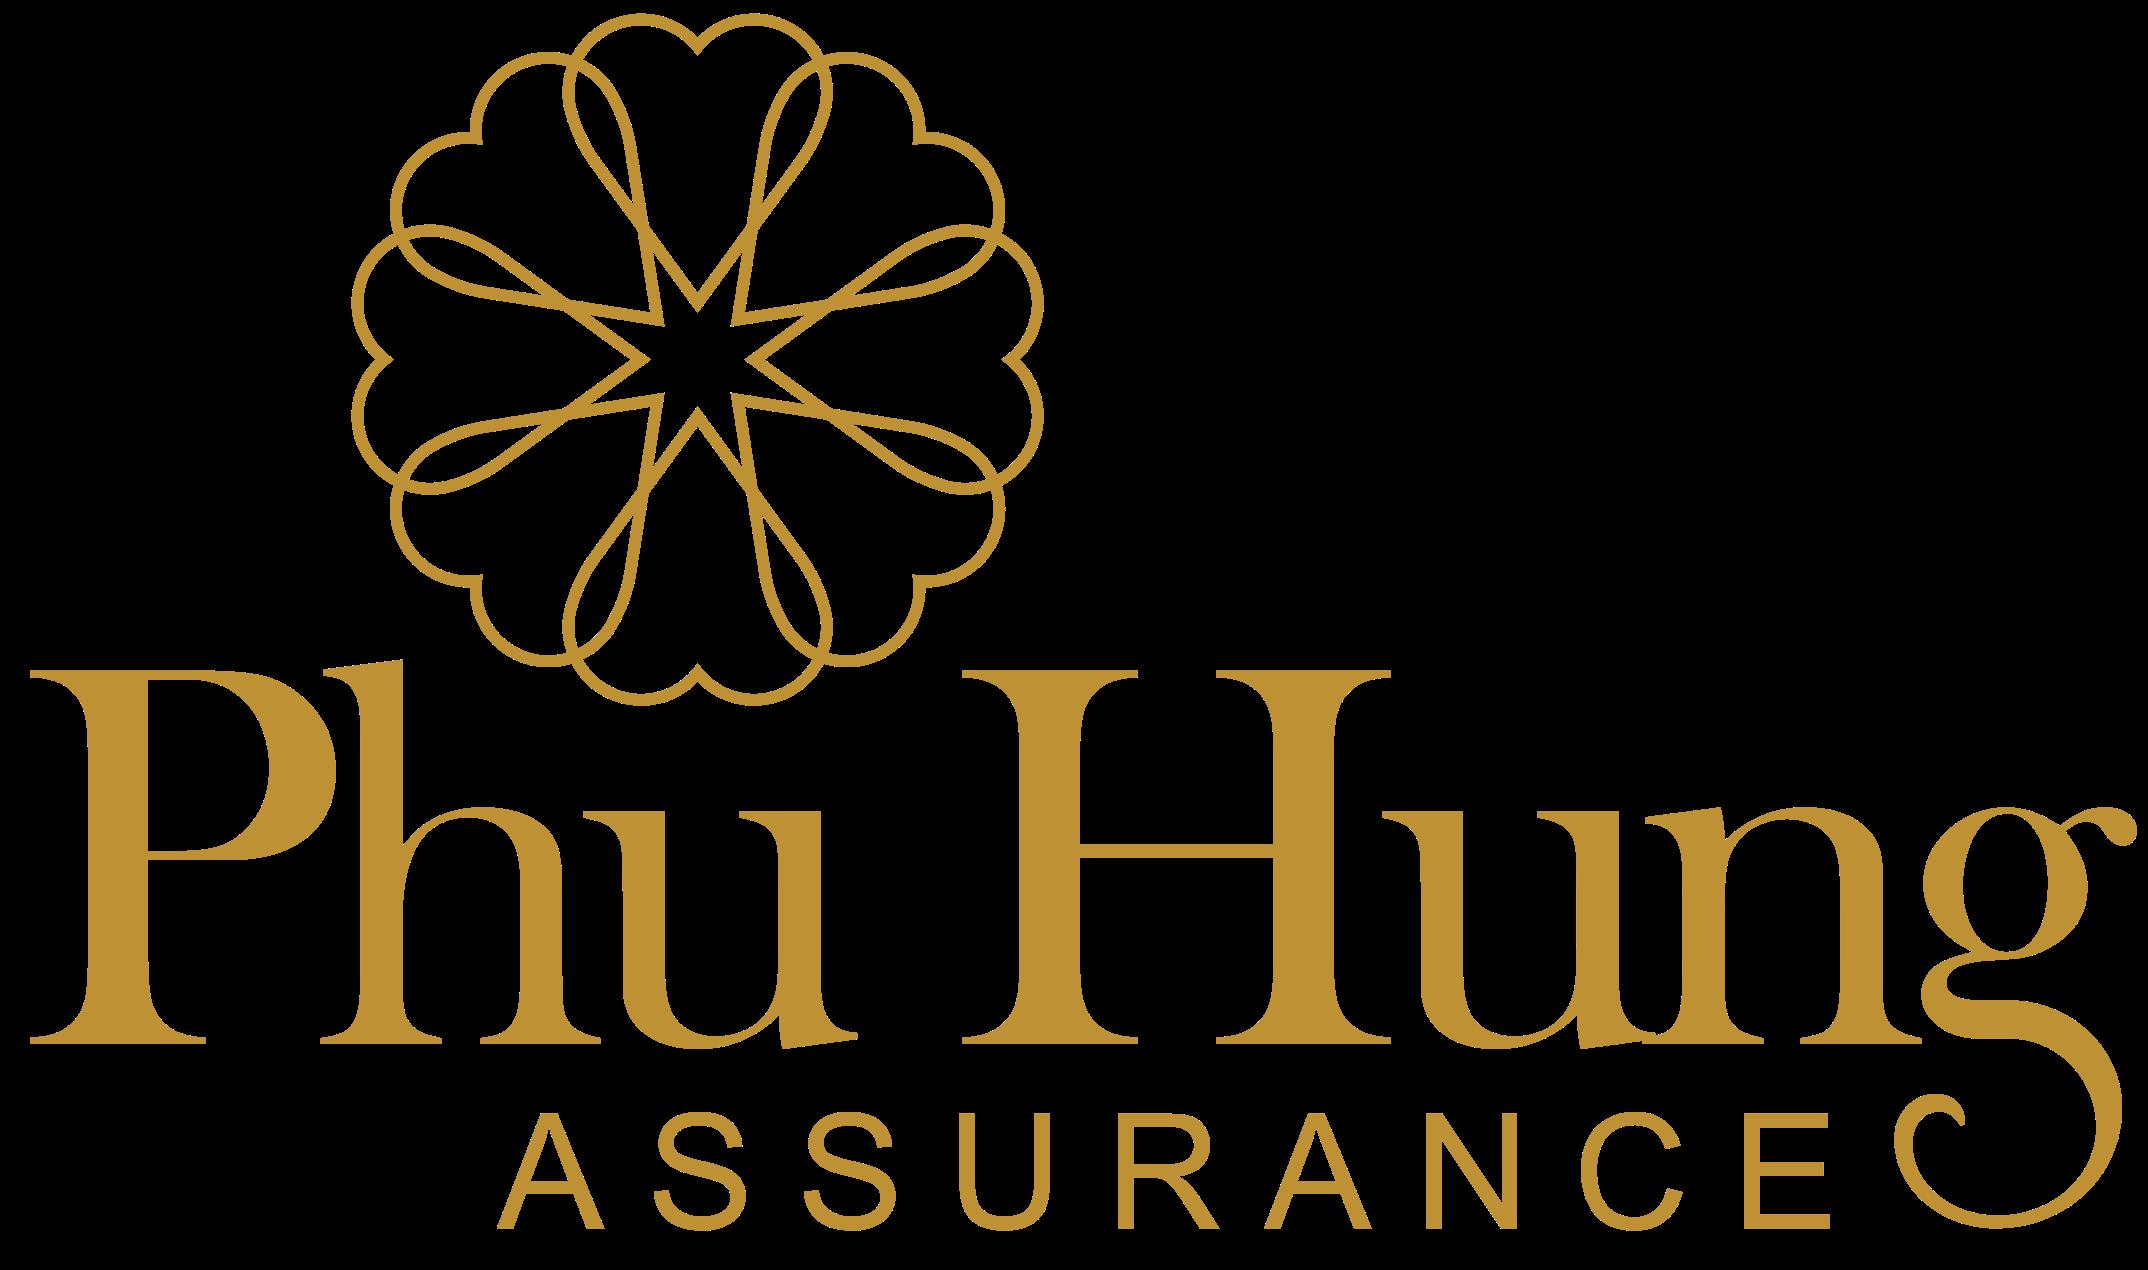 PHU HUNG ASSURANCE CORPORATION